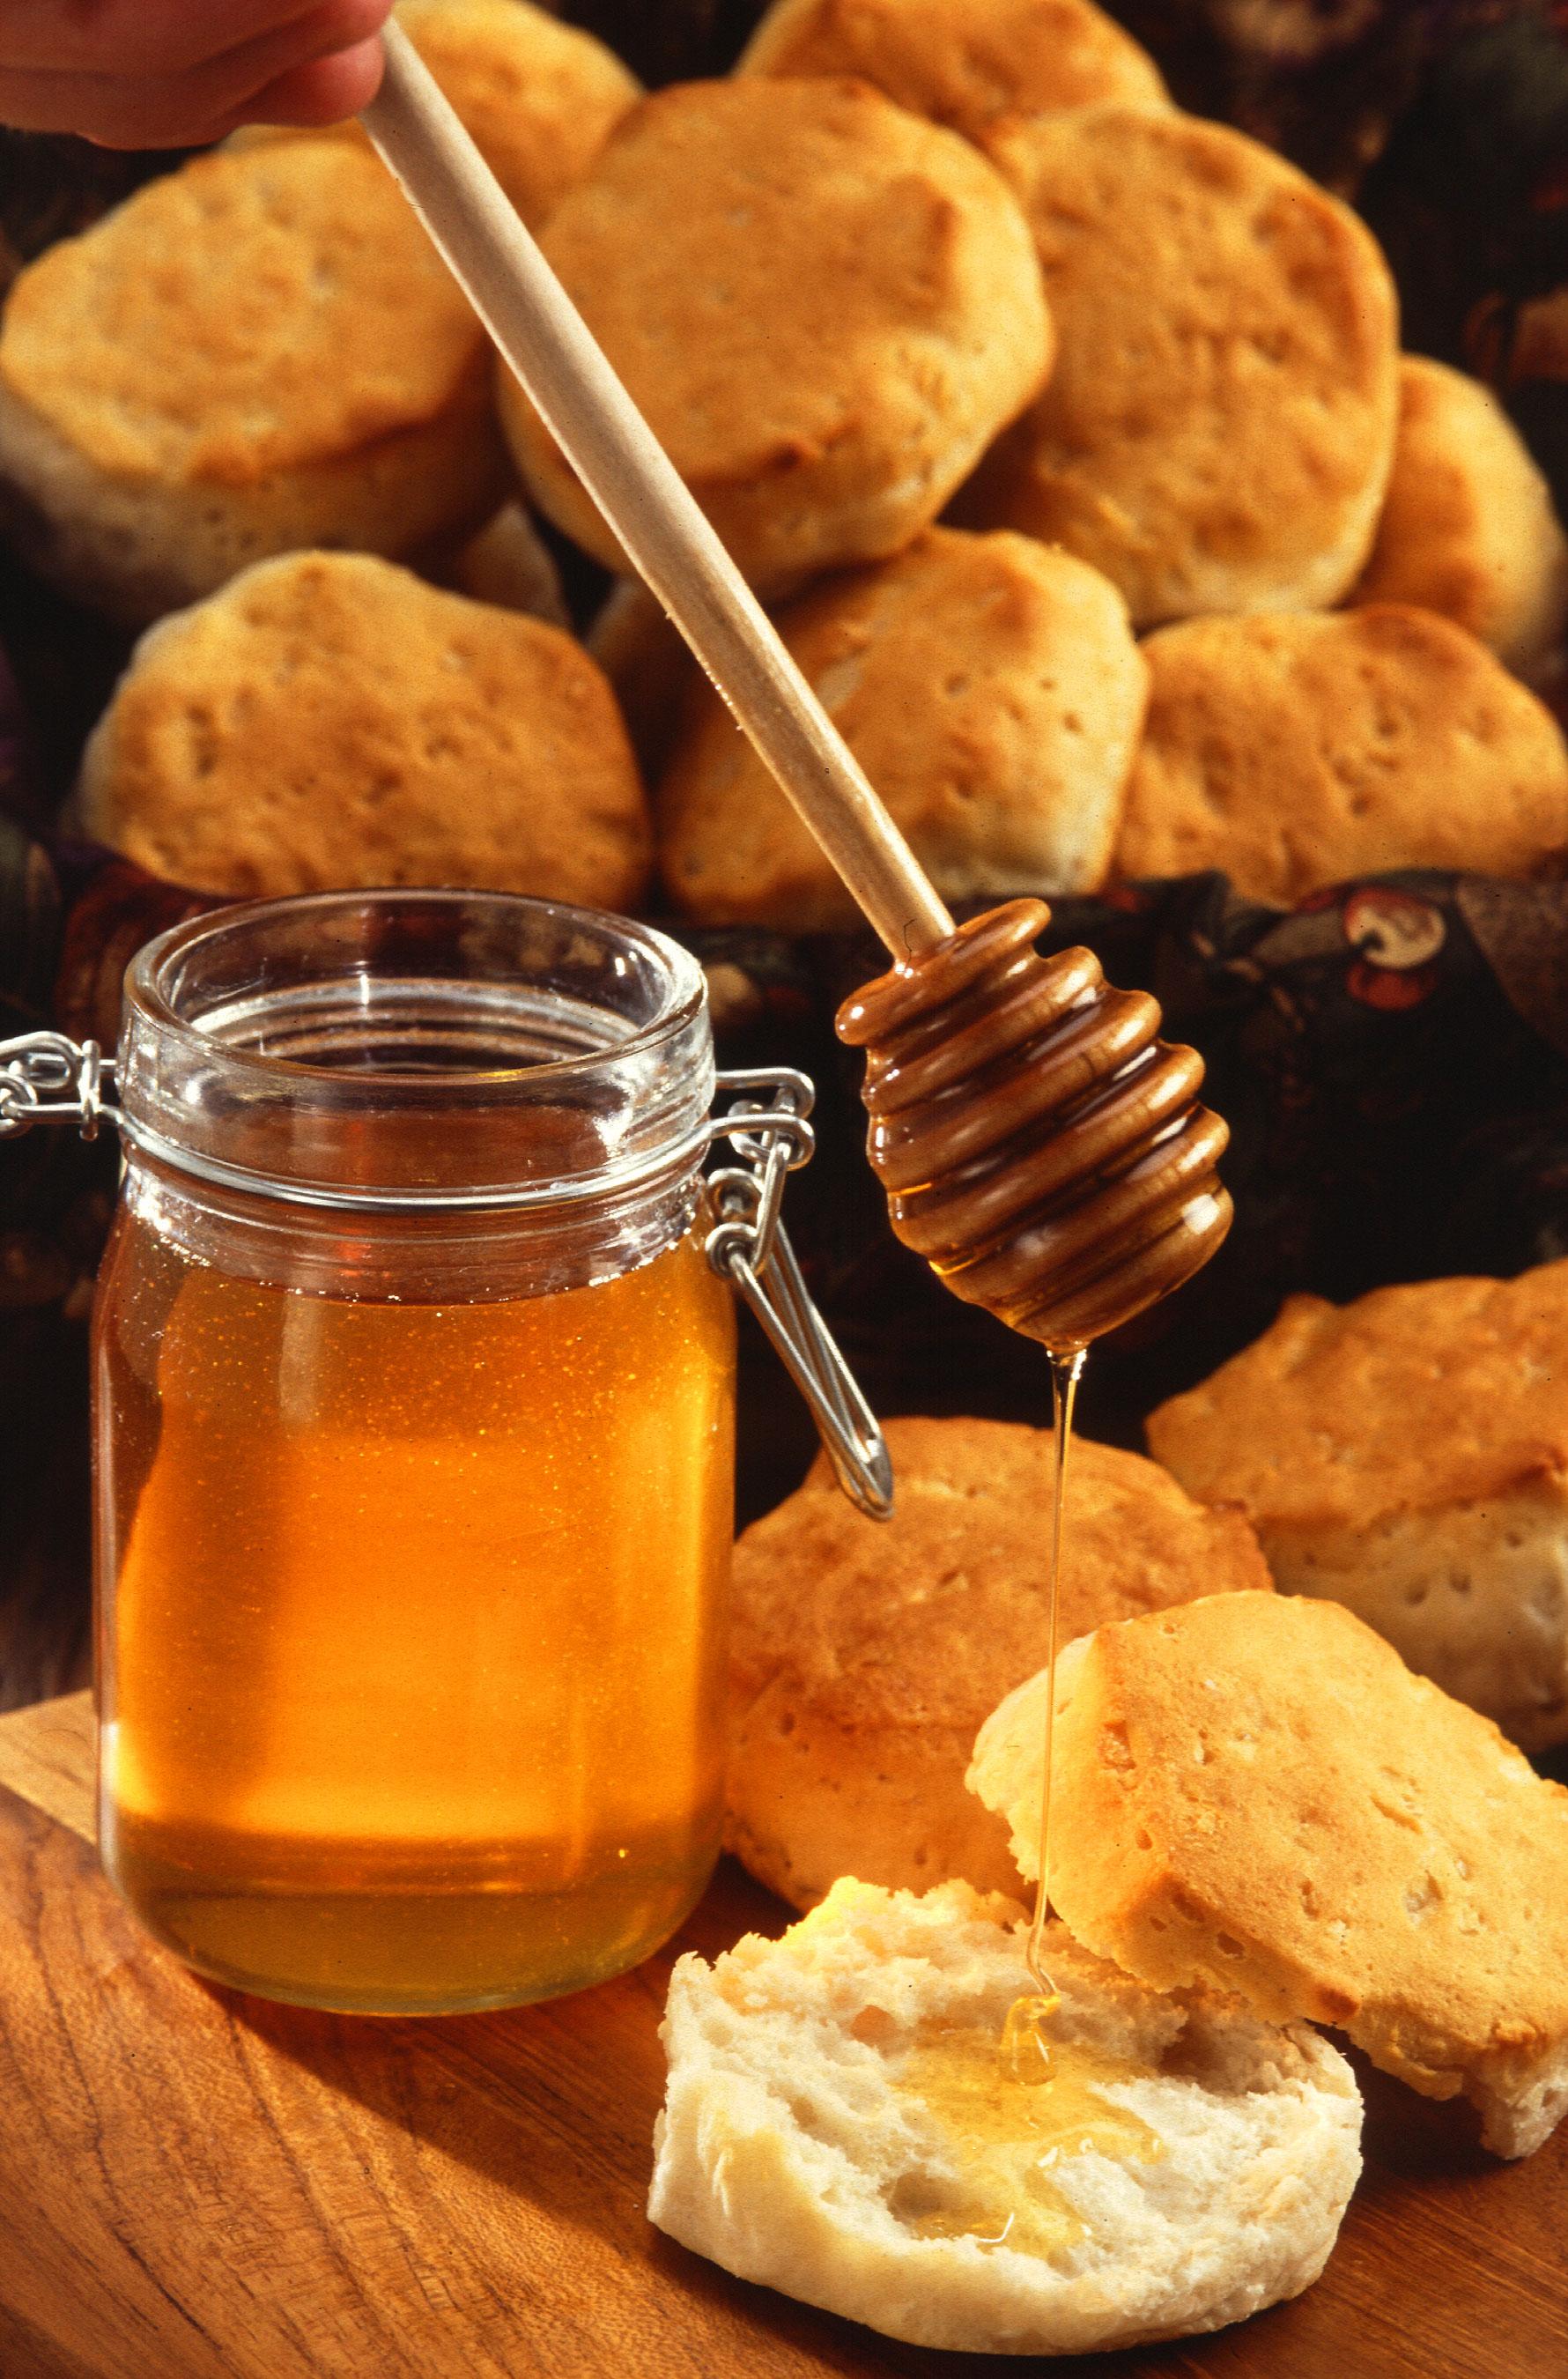 Miel en un moderno envase de cristal y un dosificador (rodillo de miel)